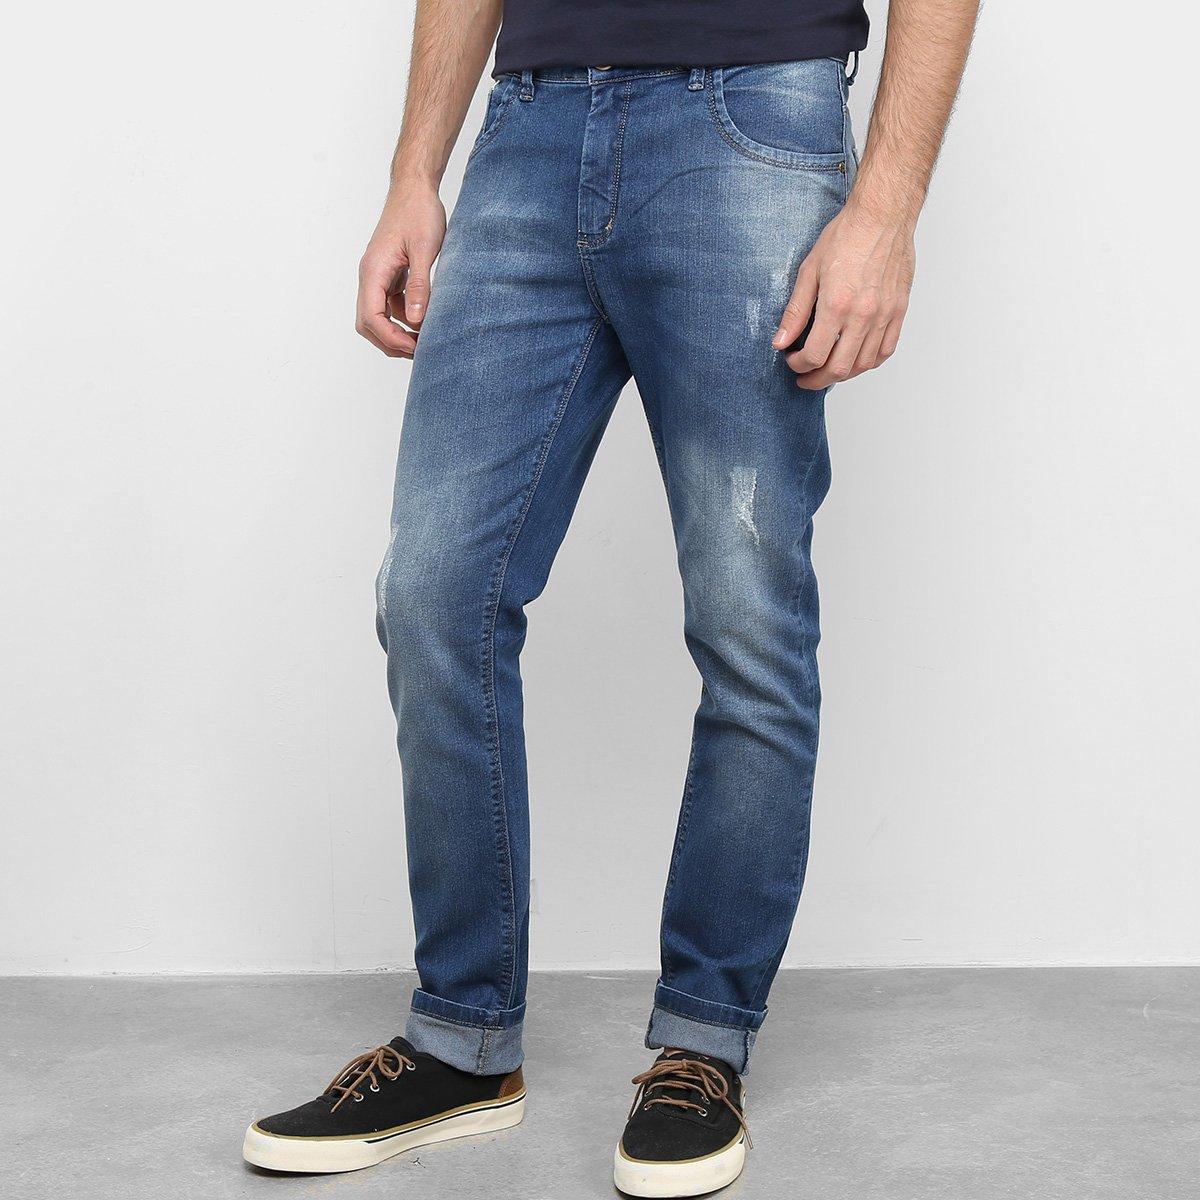 Calça Jeans Mucs Skinny Masculina